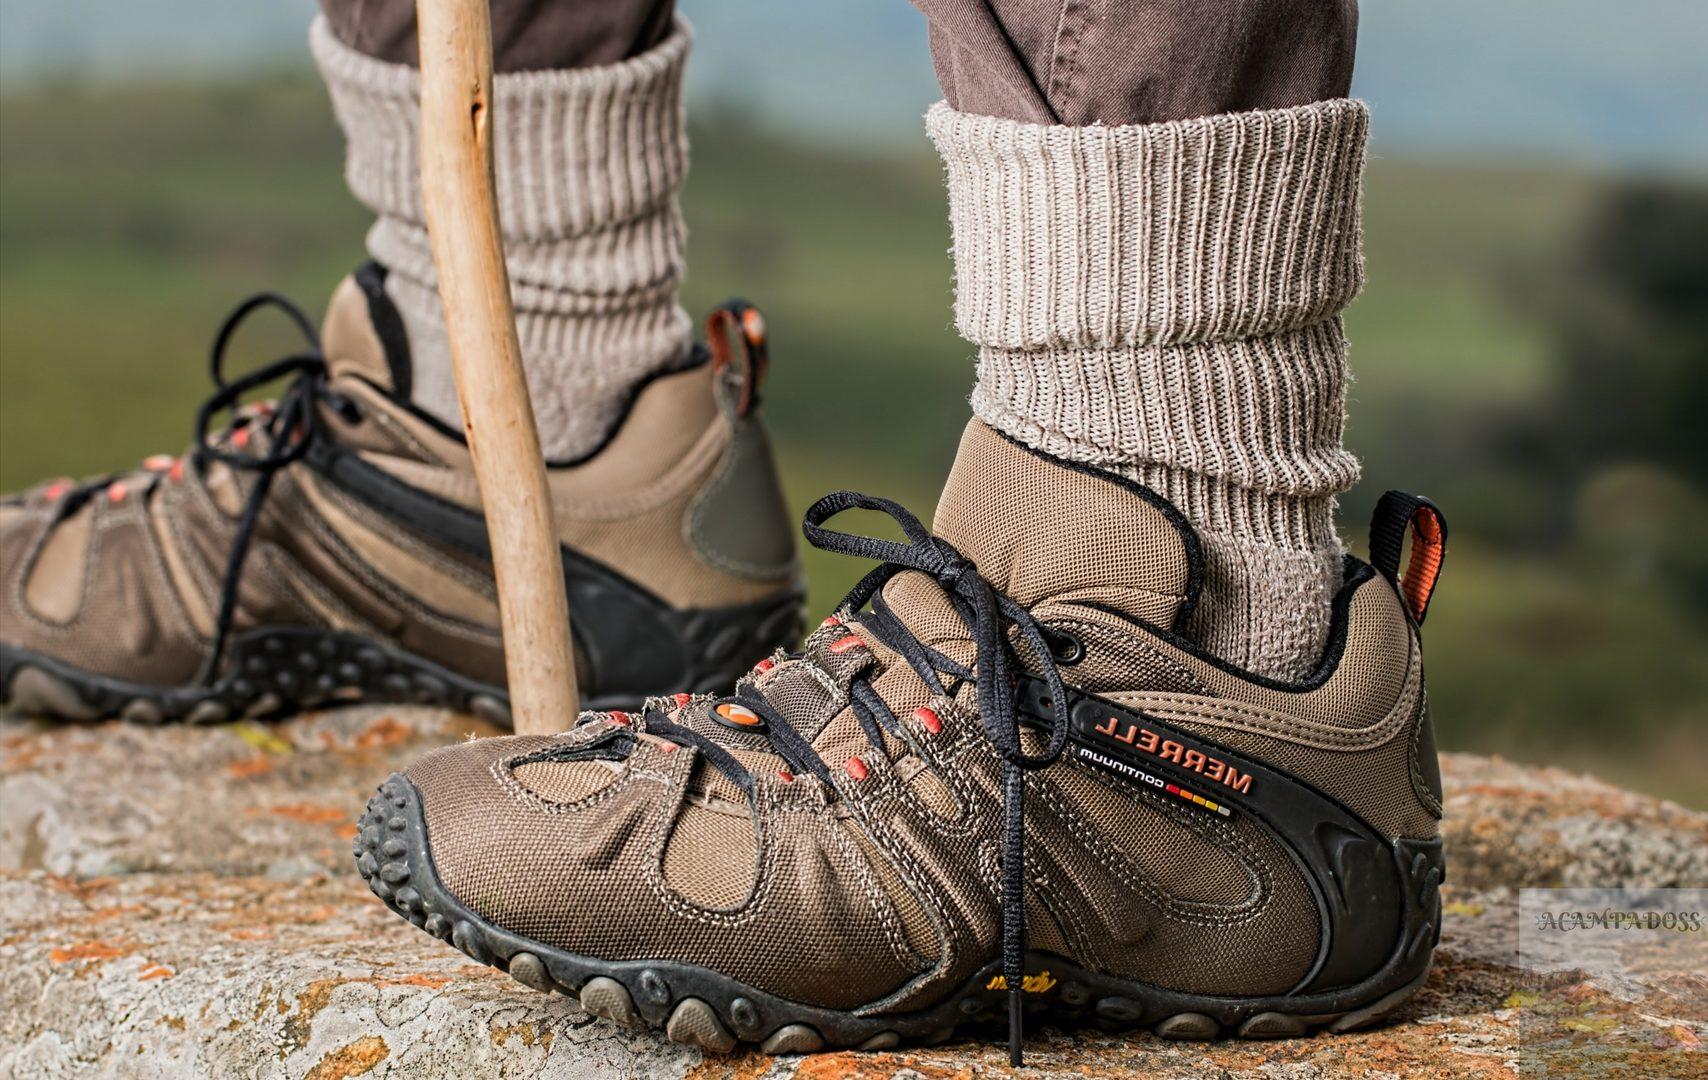 Botas de montaña en acampadoss